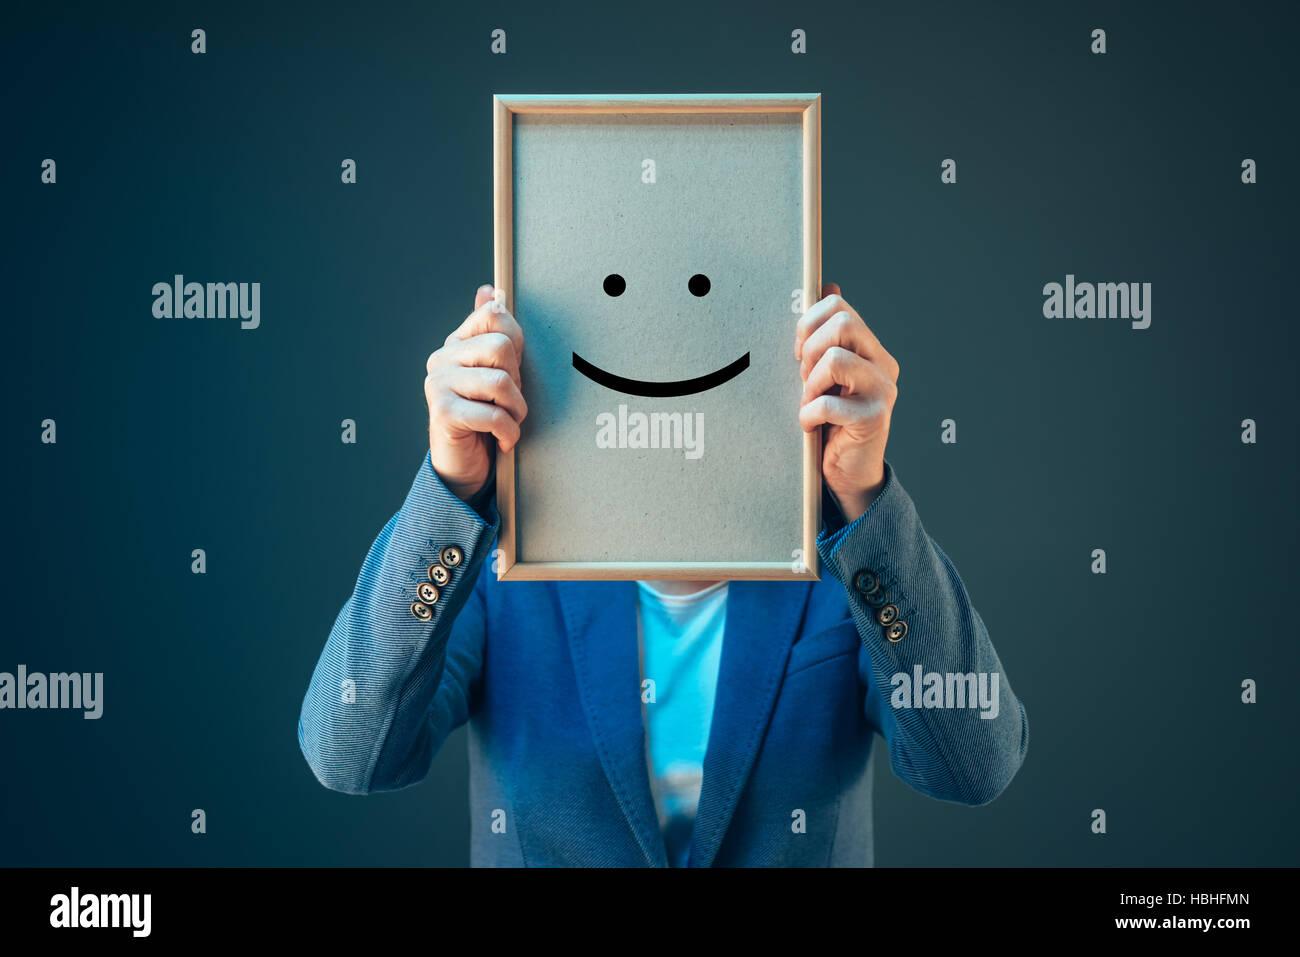 Businesswoman est optimiste quant à son avenir dans la culture d'affaires, imprimés holding happy Photo Stock